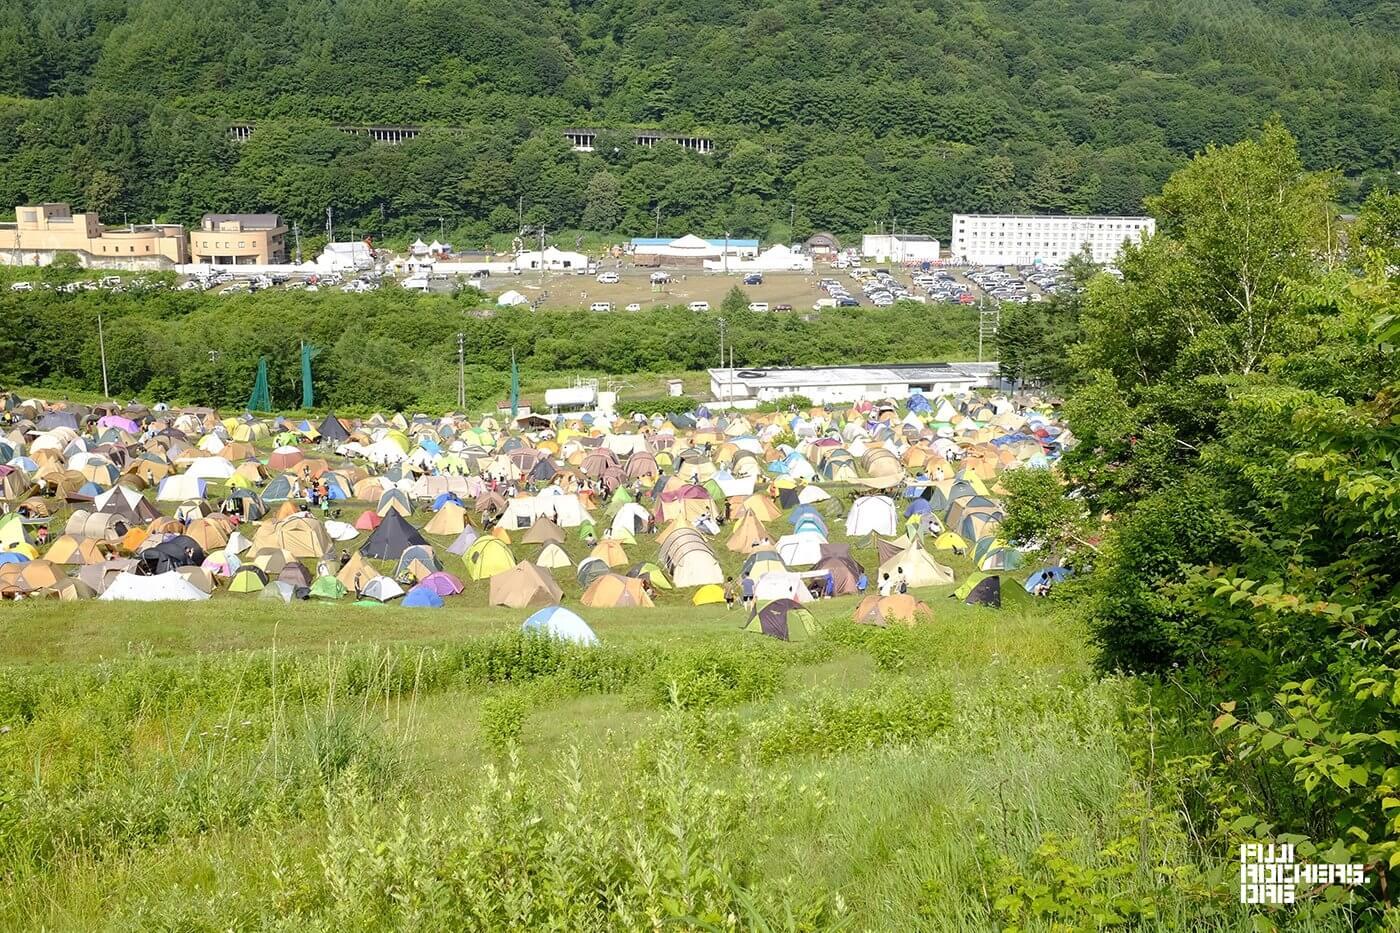 雨後のキャンプサイト